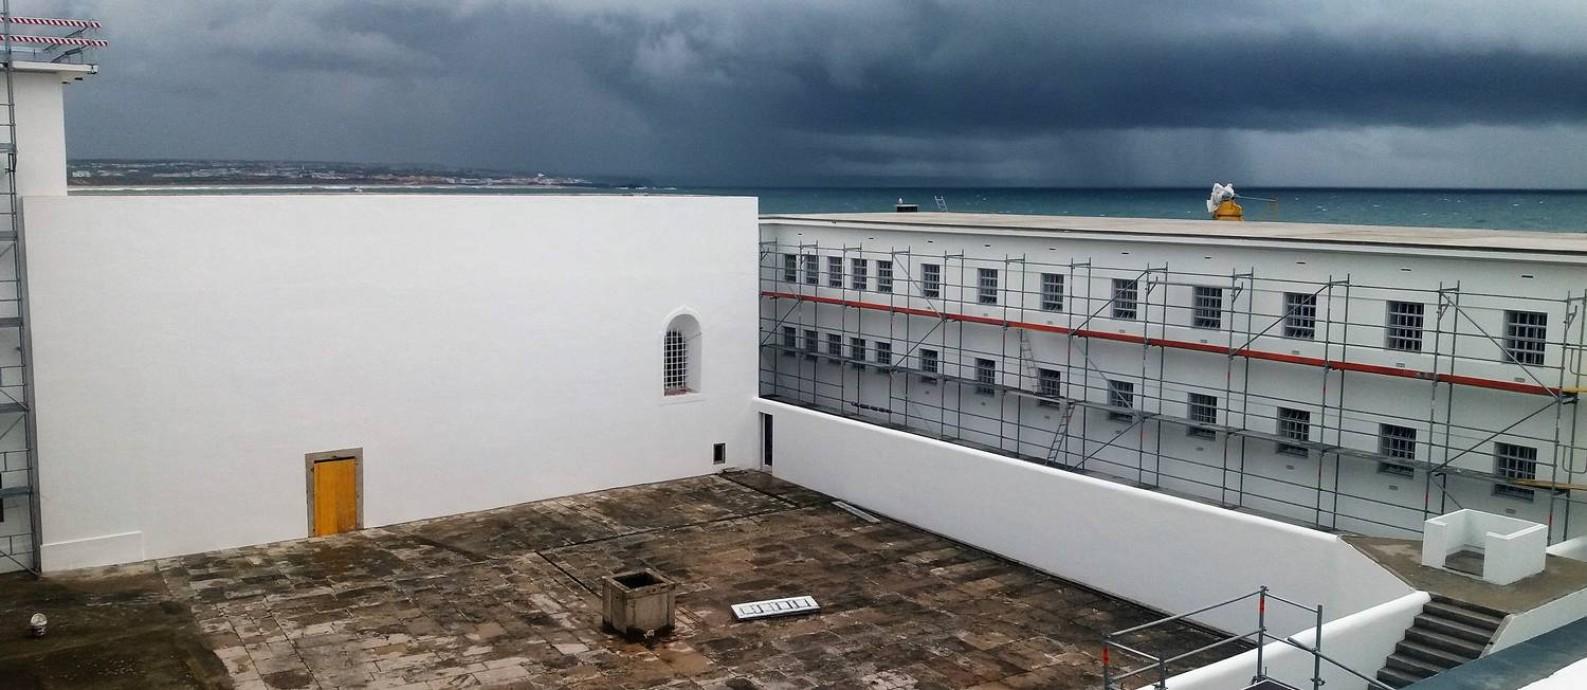 De costas para o mar. Na Fortaleza de Peniche, construída no século XVIII e usada como prisão pela ditadura, as celas eram voltadas para o pátio interno Foto: Gian Amato